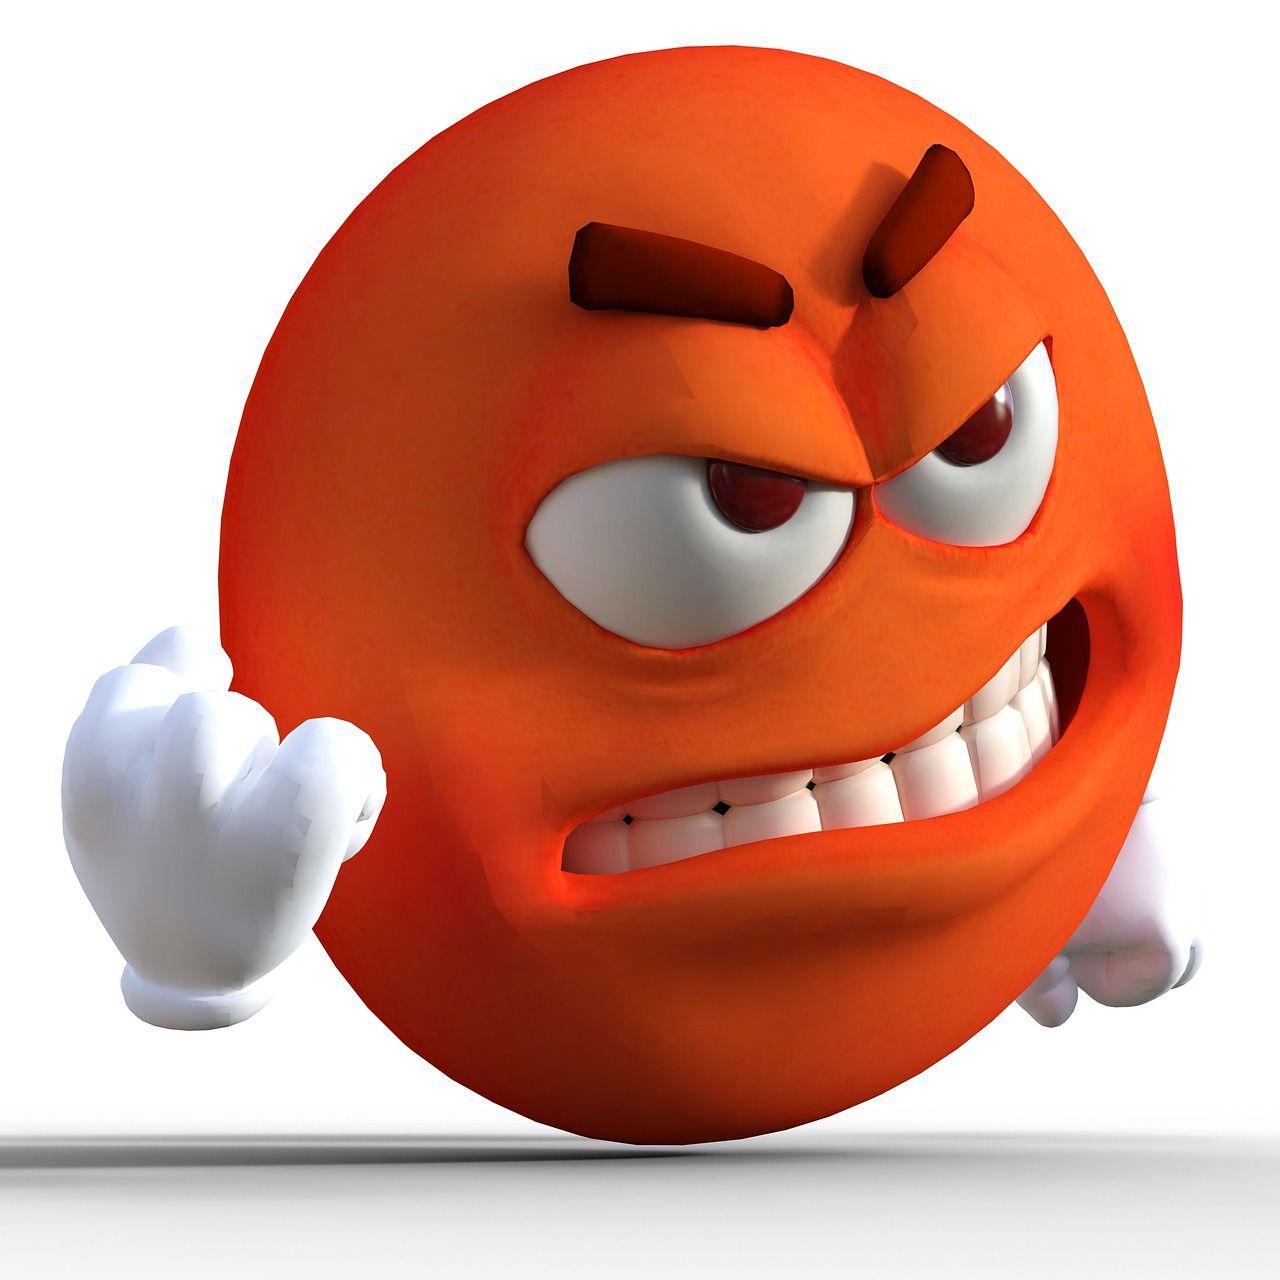 Free Image On Pixabay Smiley Evil Emoticon Emoji In 2020 Emoticon Smiley Emoji